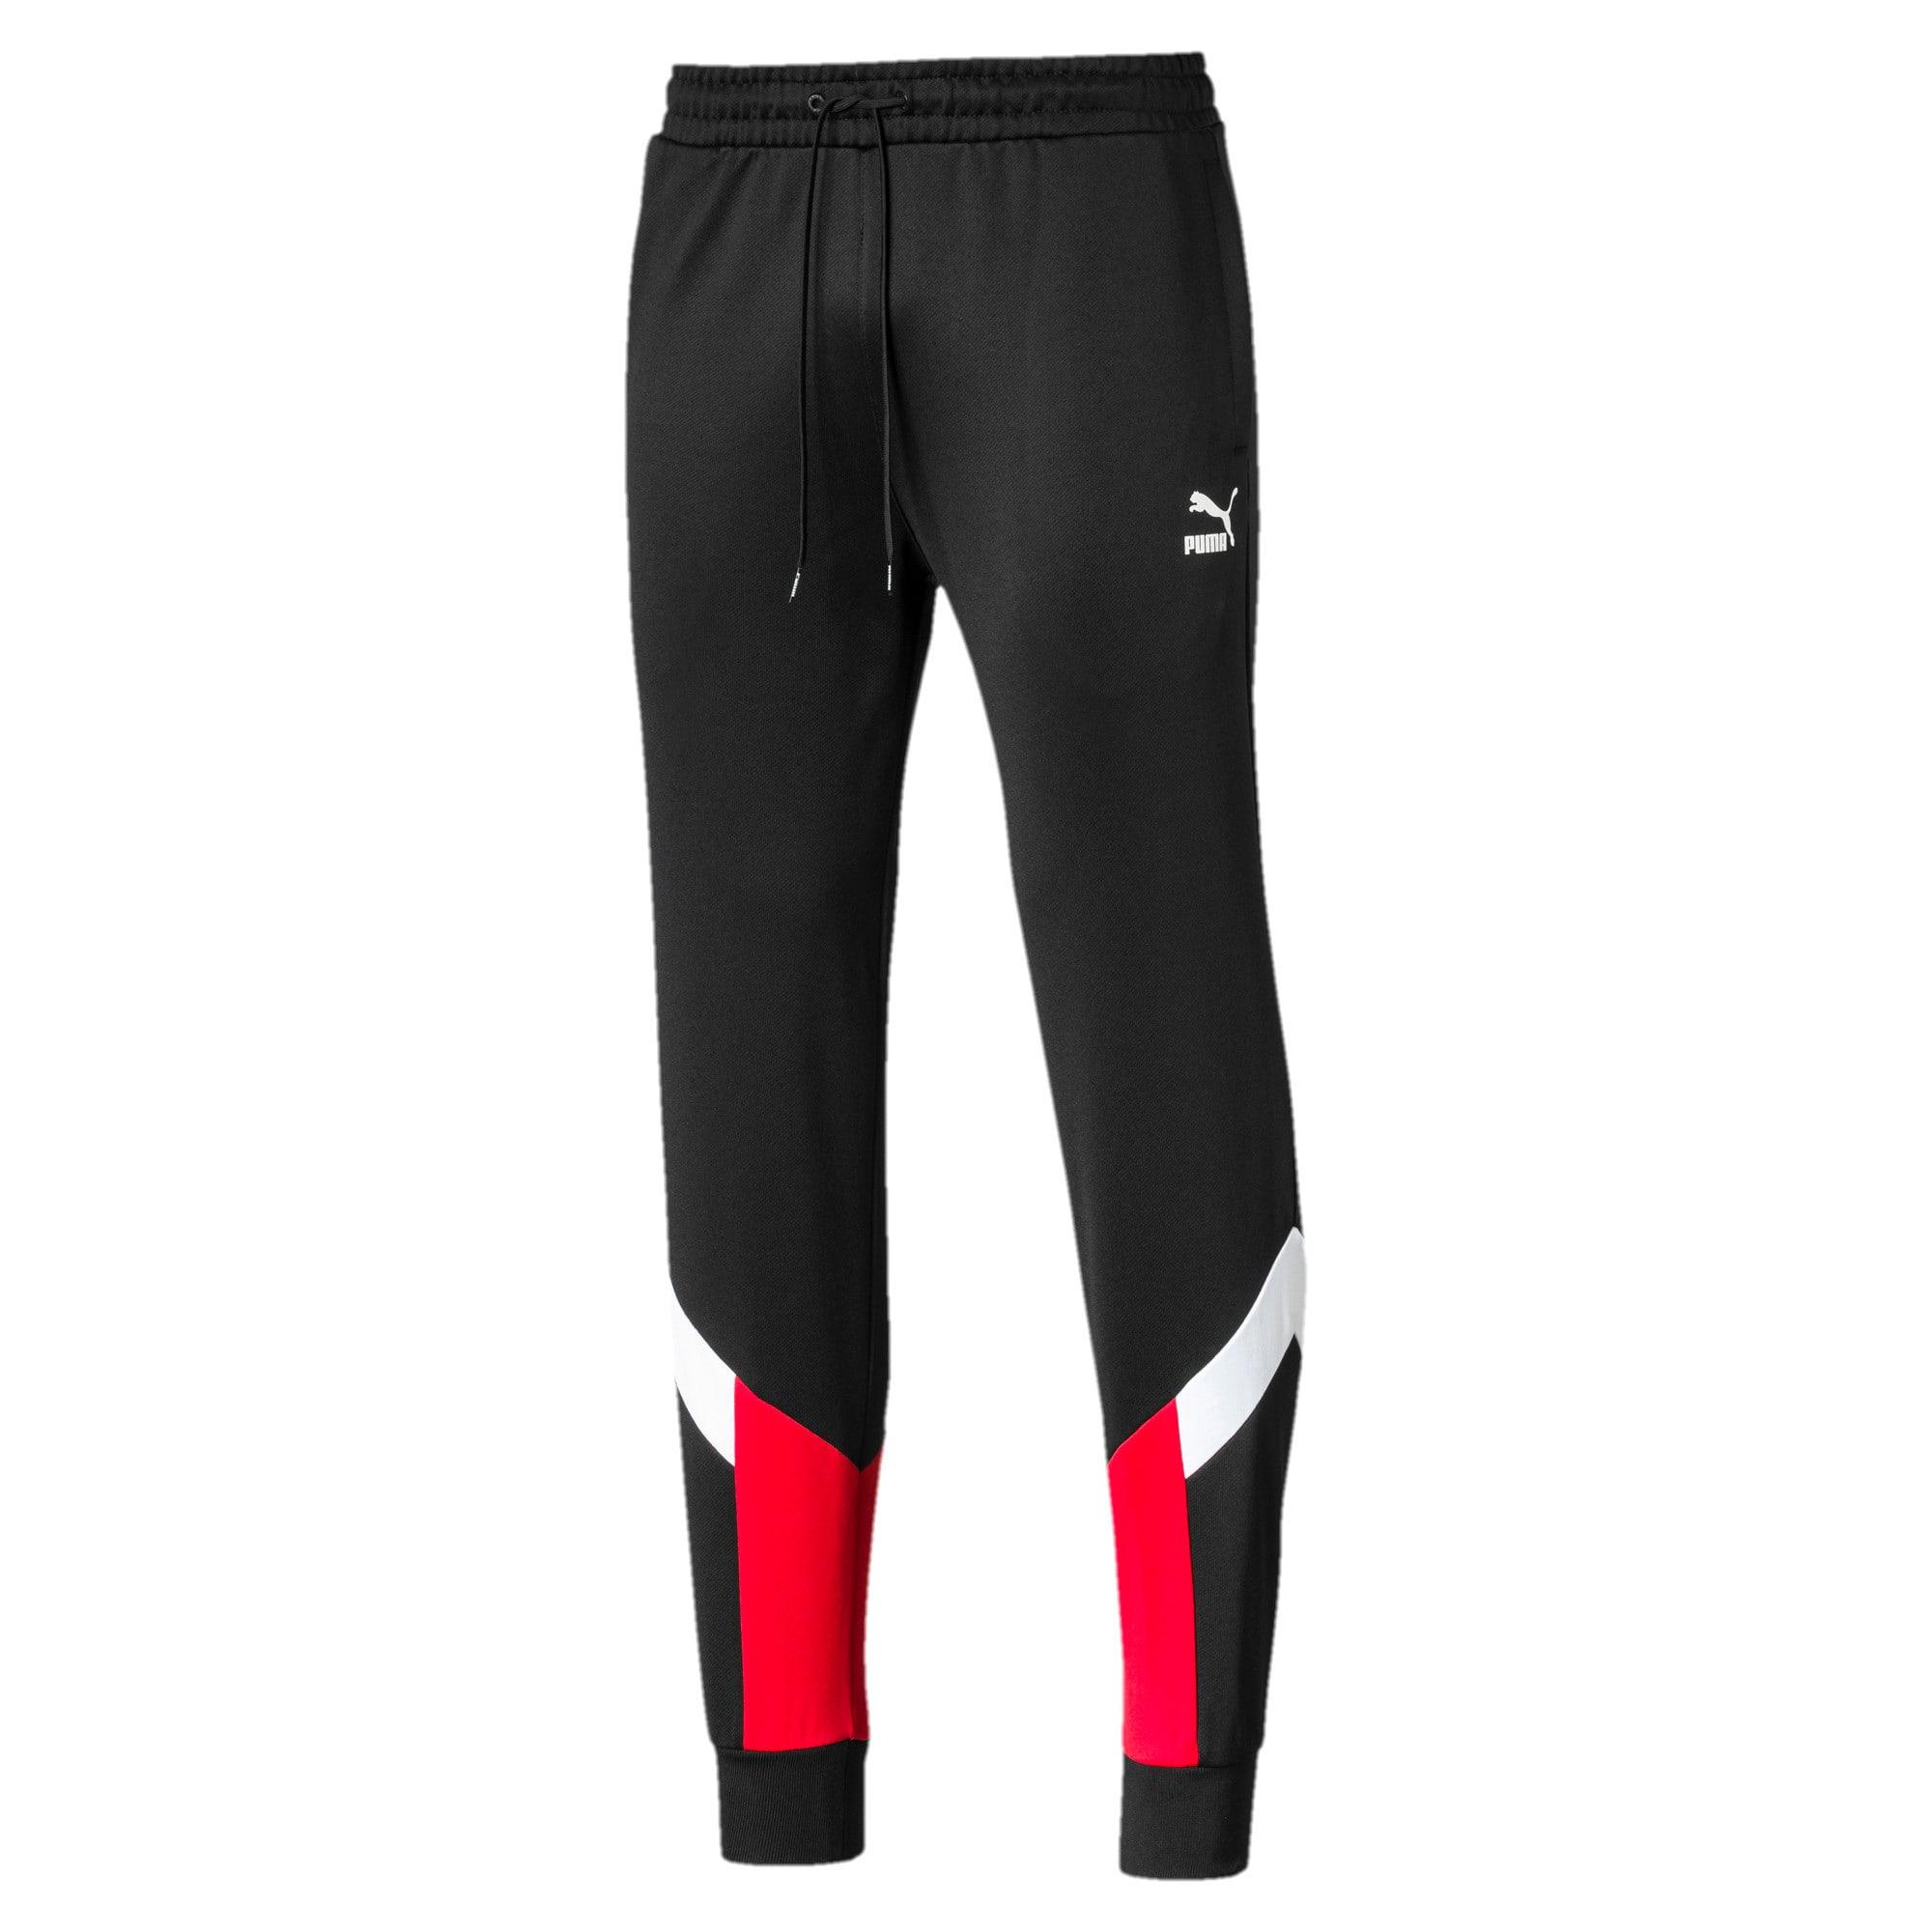 Thumbnail 4 of Iconic MCS Men's Track Pants, Puma Black-Red combo, medium